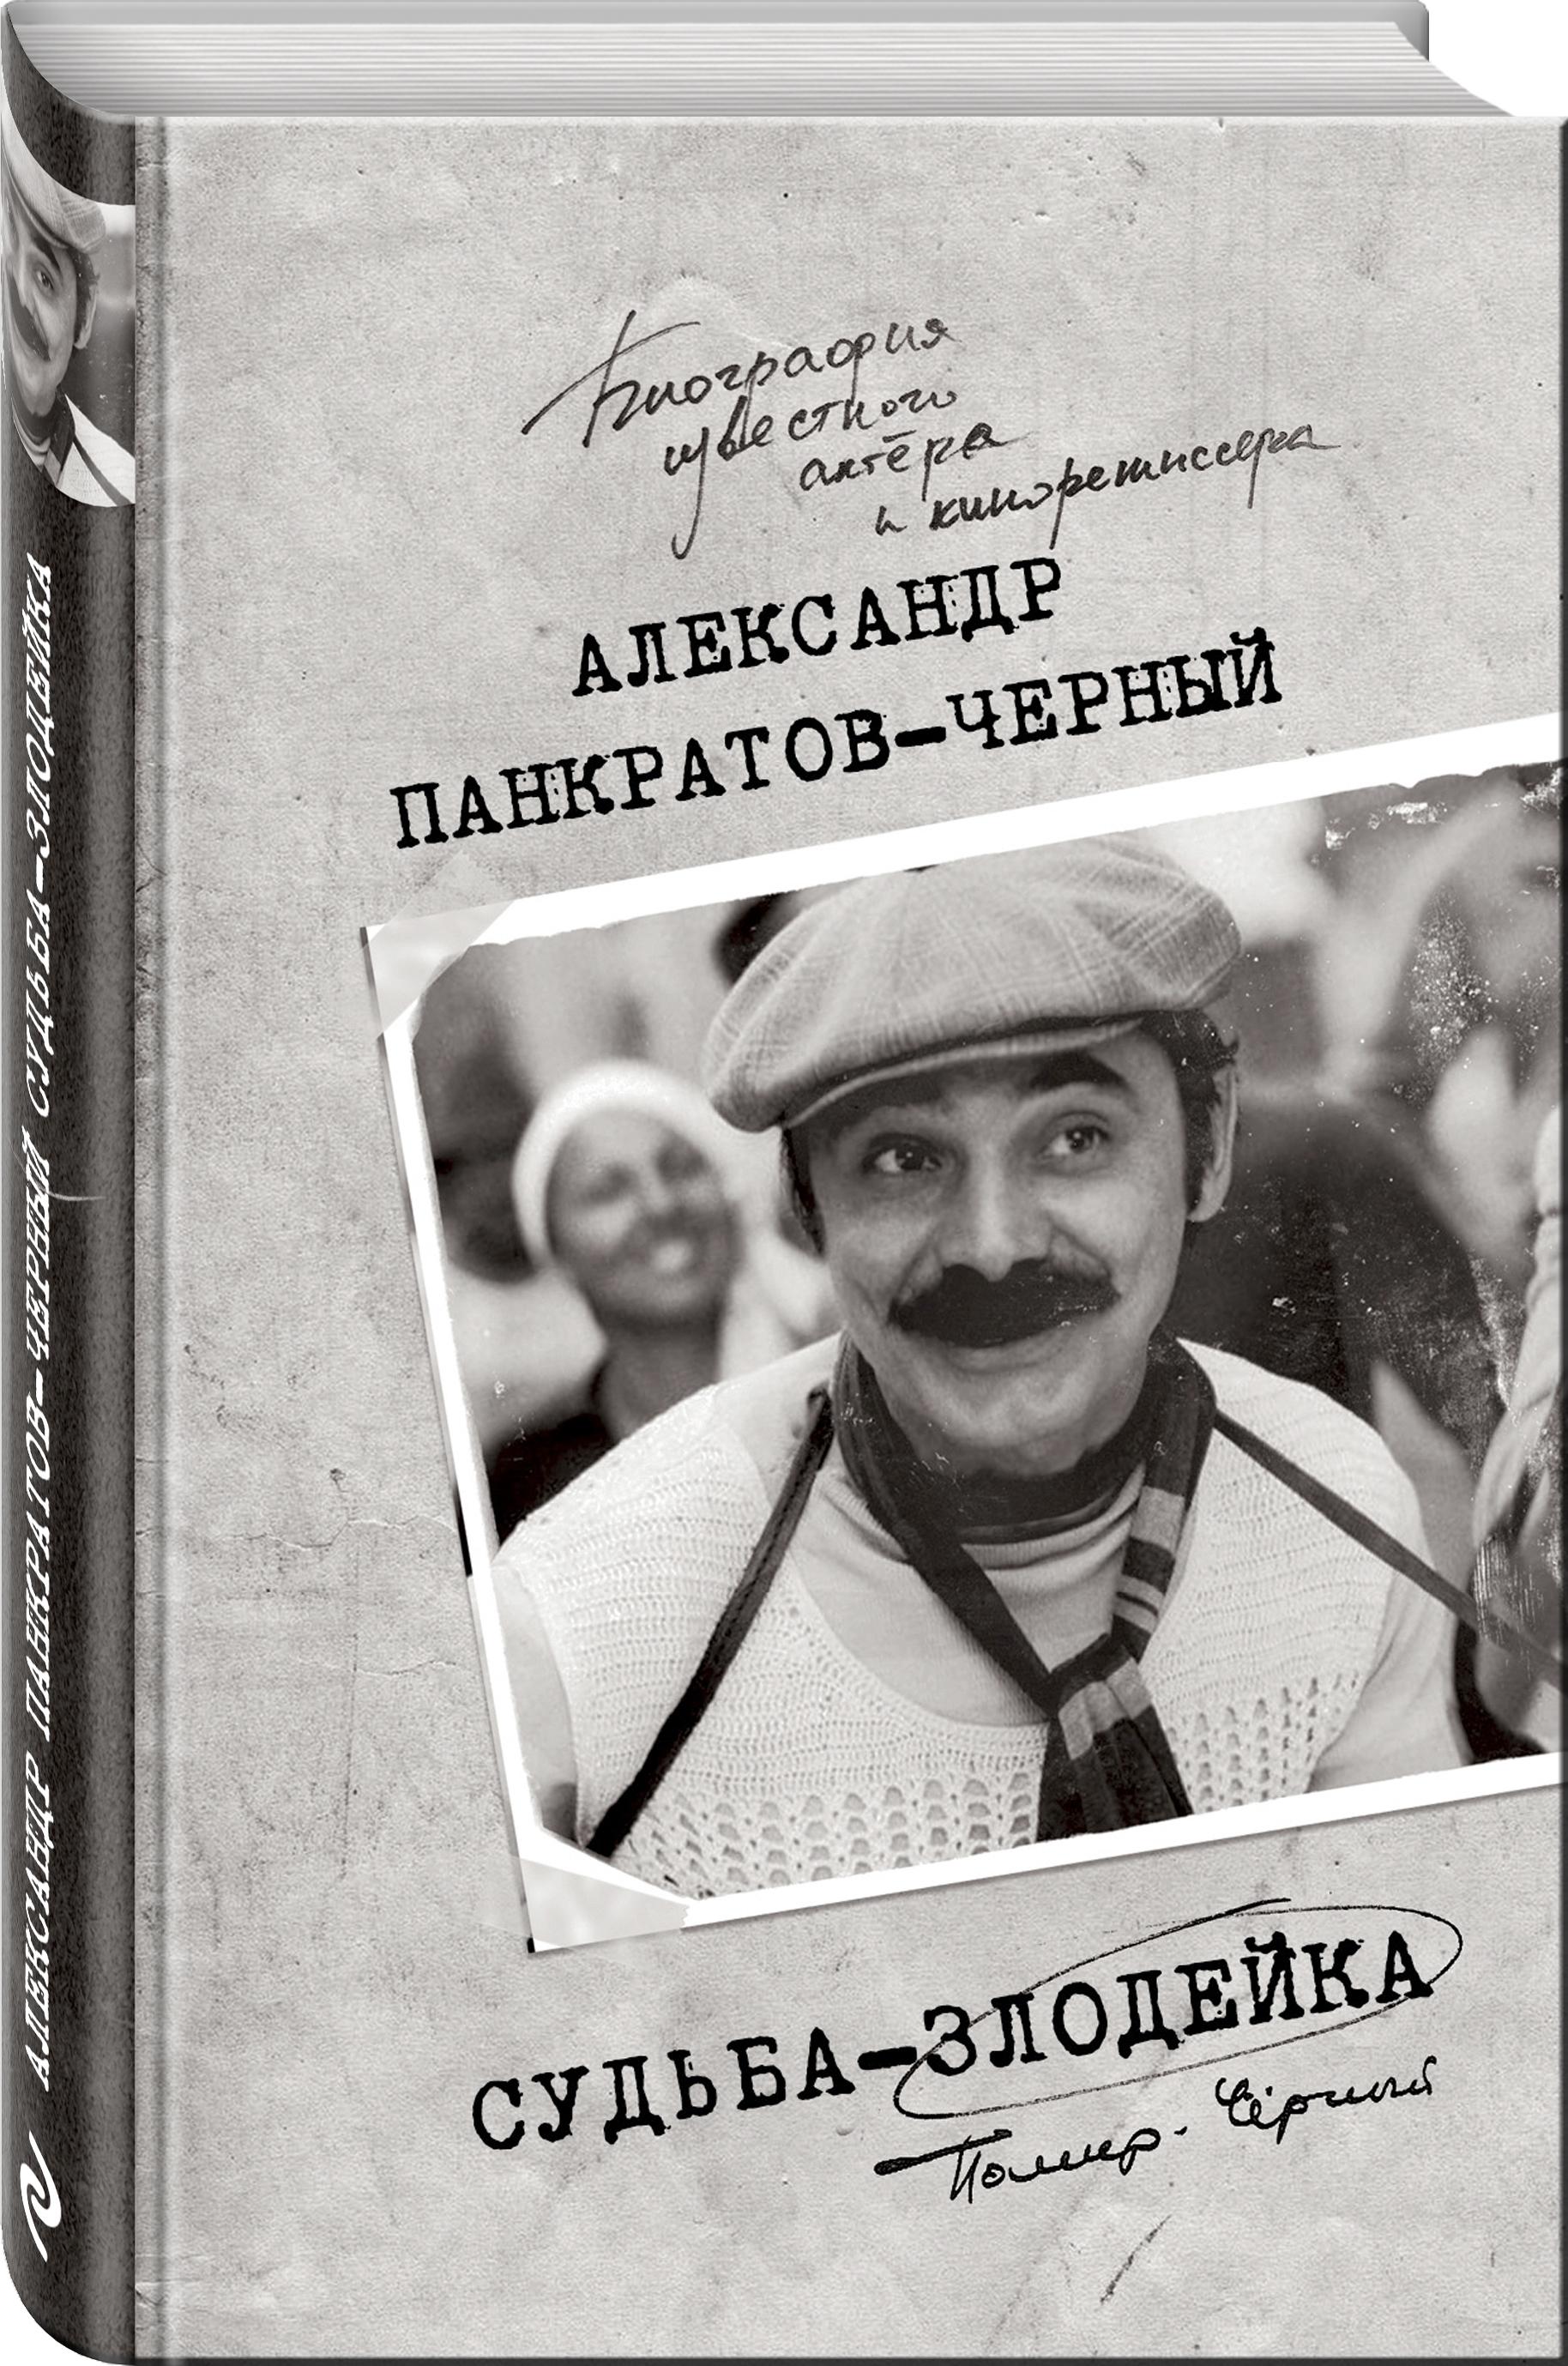 Александр Панкратов-Чёрный Судьба-злодейка импотент